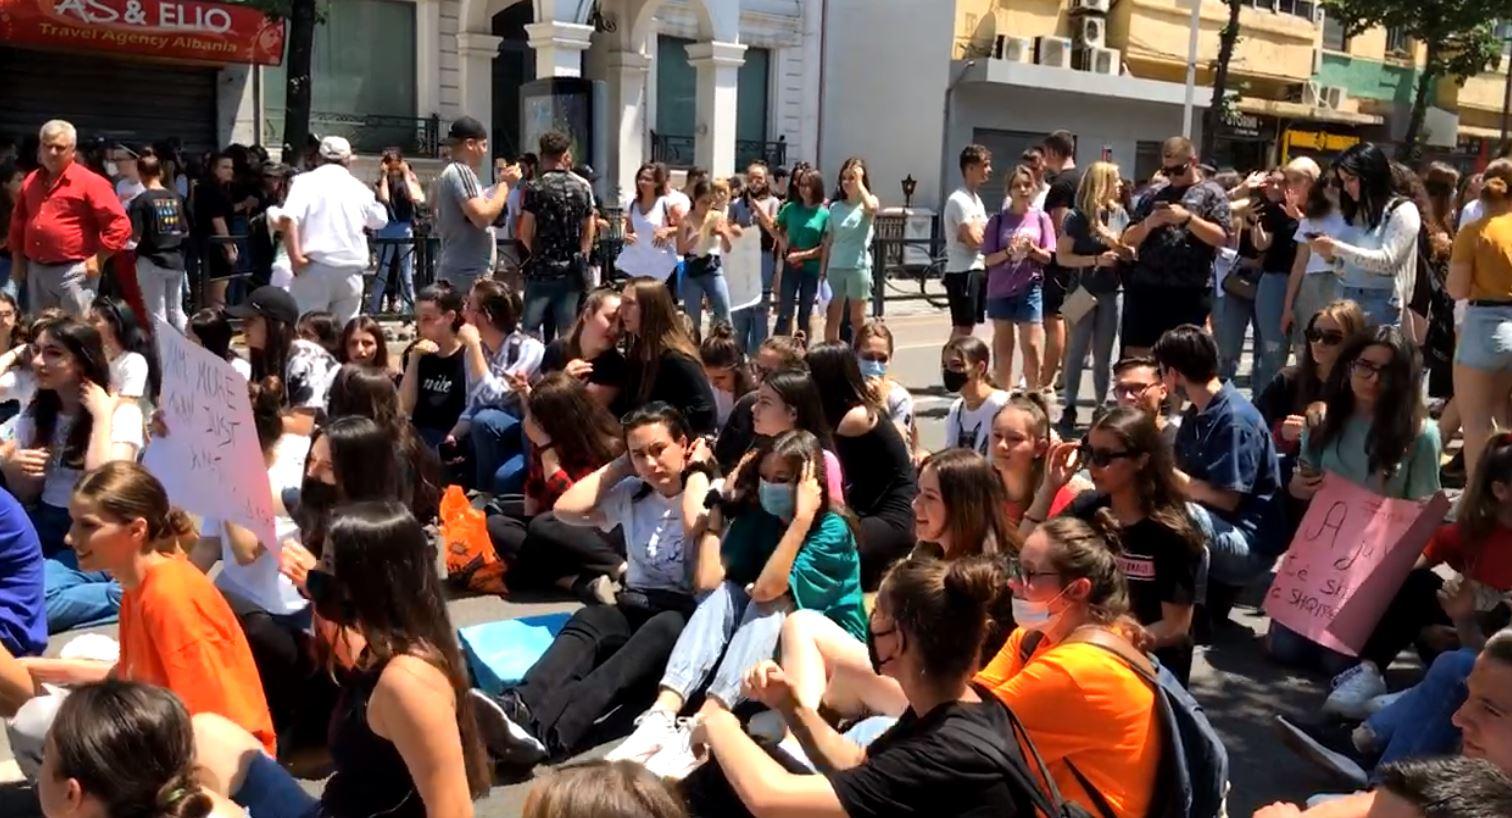 Maturantët protestë te Ministria e Arsimit për provimin e Matematikës, bllokojnë rrugën